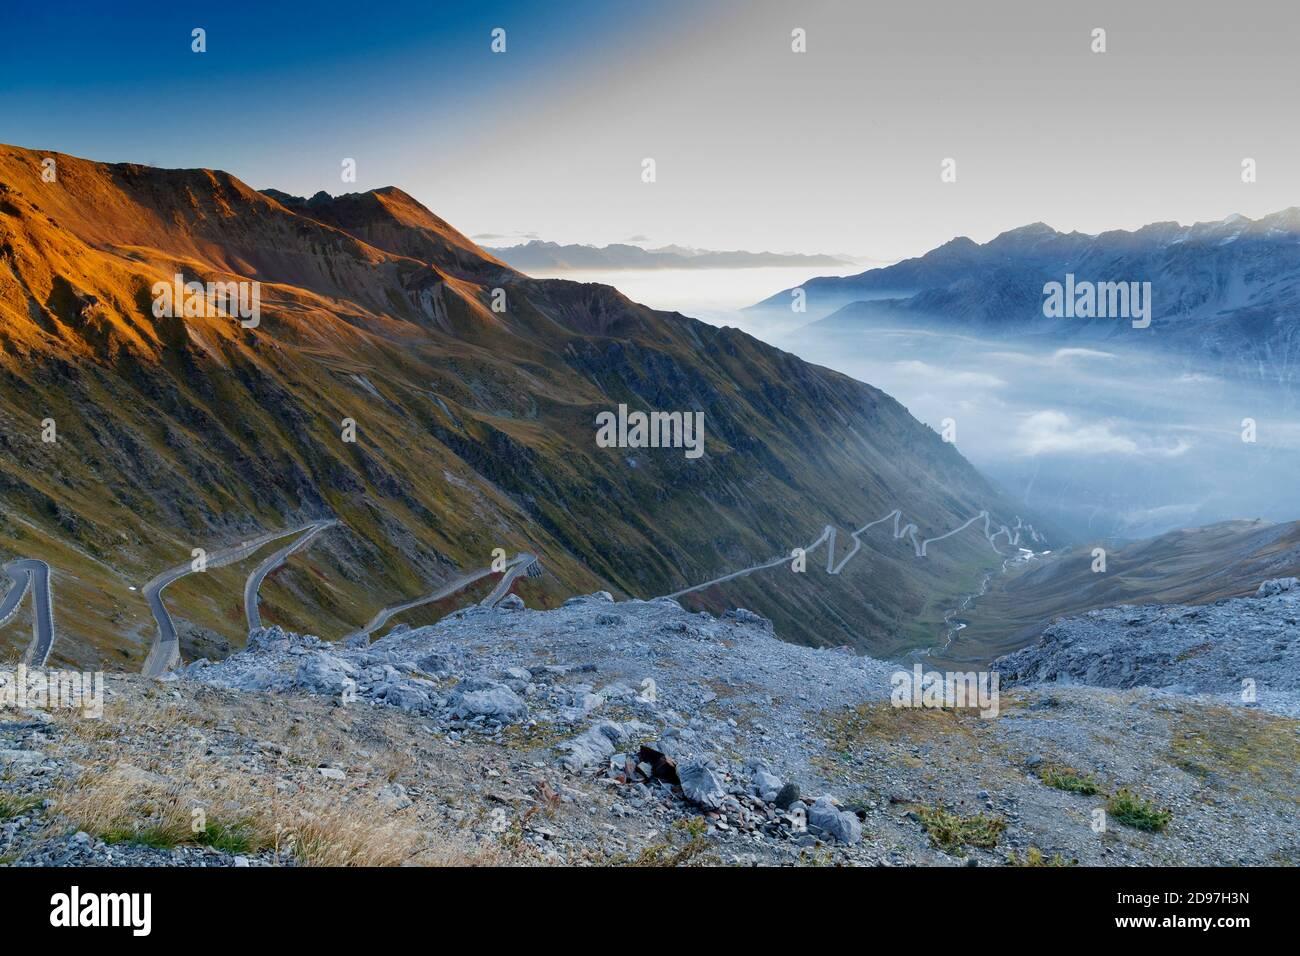 Col du Stelvio avec des montagnes couvertes de neige et une route sinueuse dans la vallée, Trentin-Haut-Adige, Italie Banque D'Images